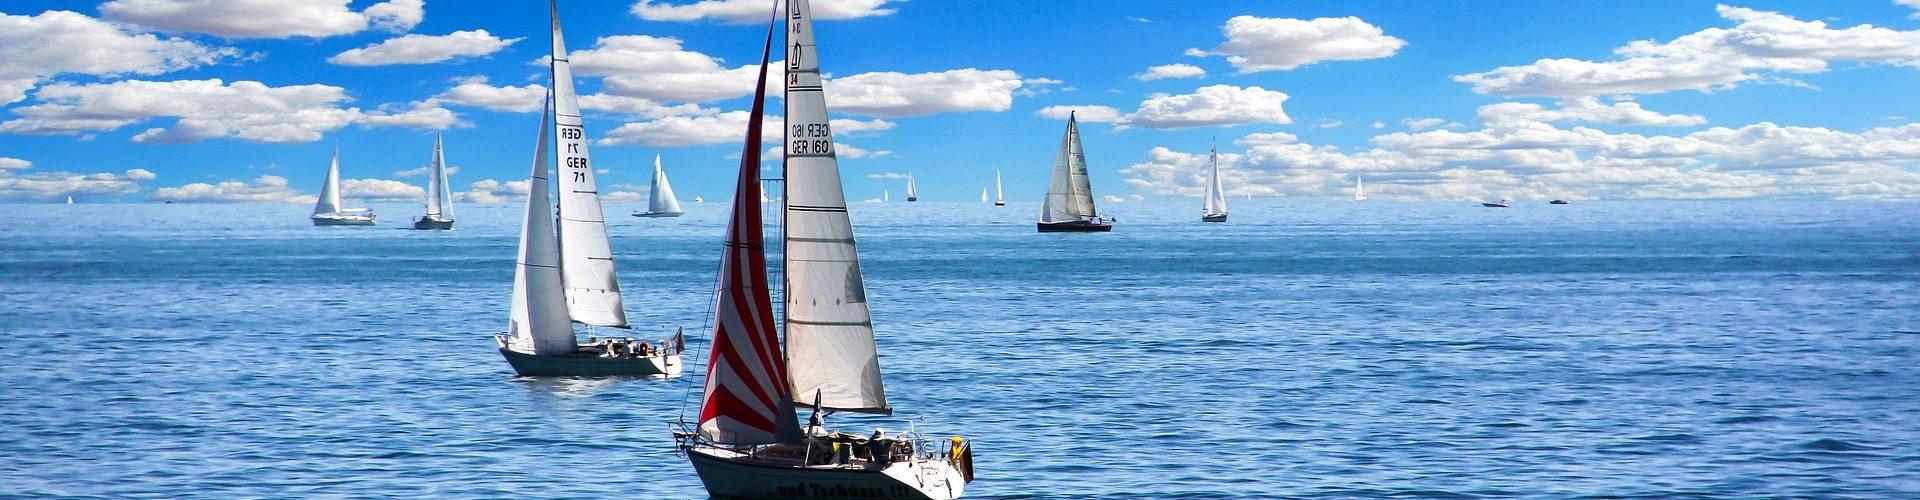 segeln lernen in Verden Aller segelschein machen in Verden Aller 1920x500 - Segeln lernen in Verden (Aller)